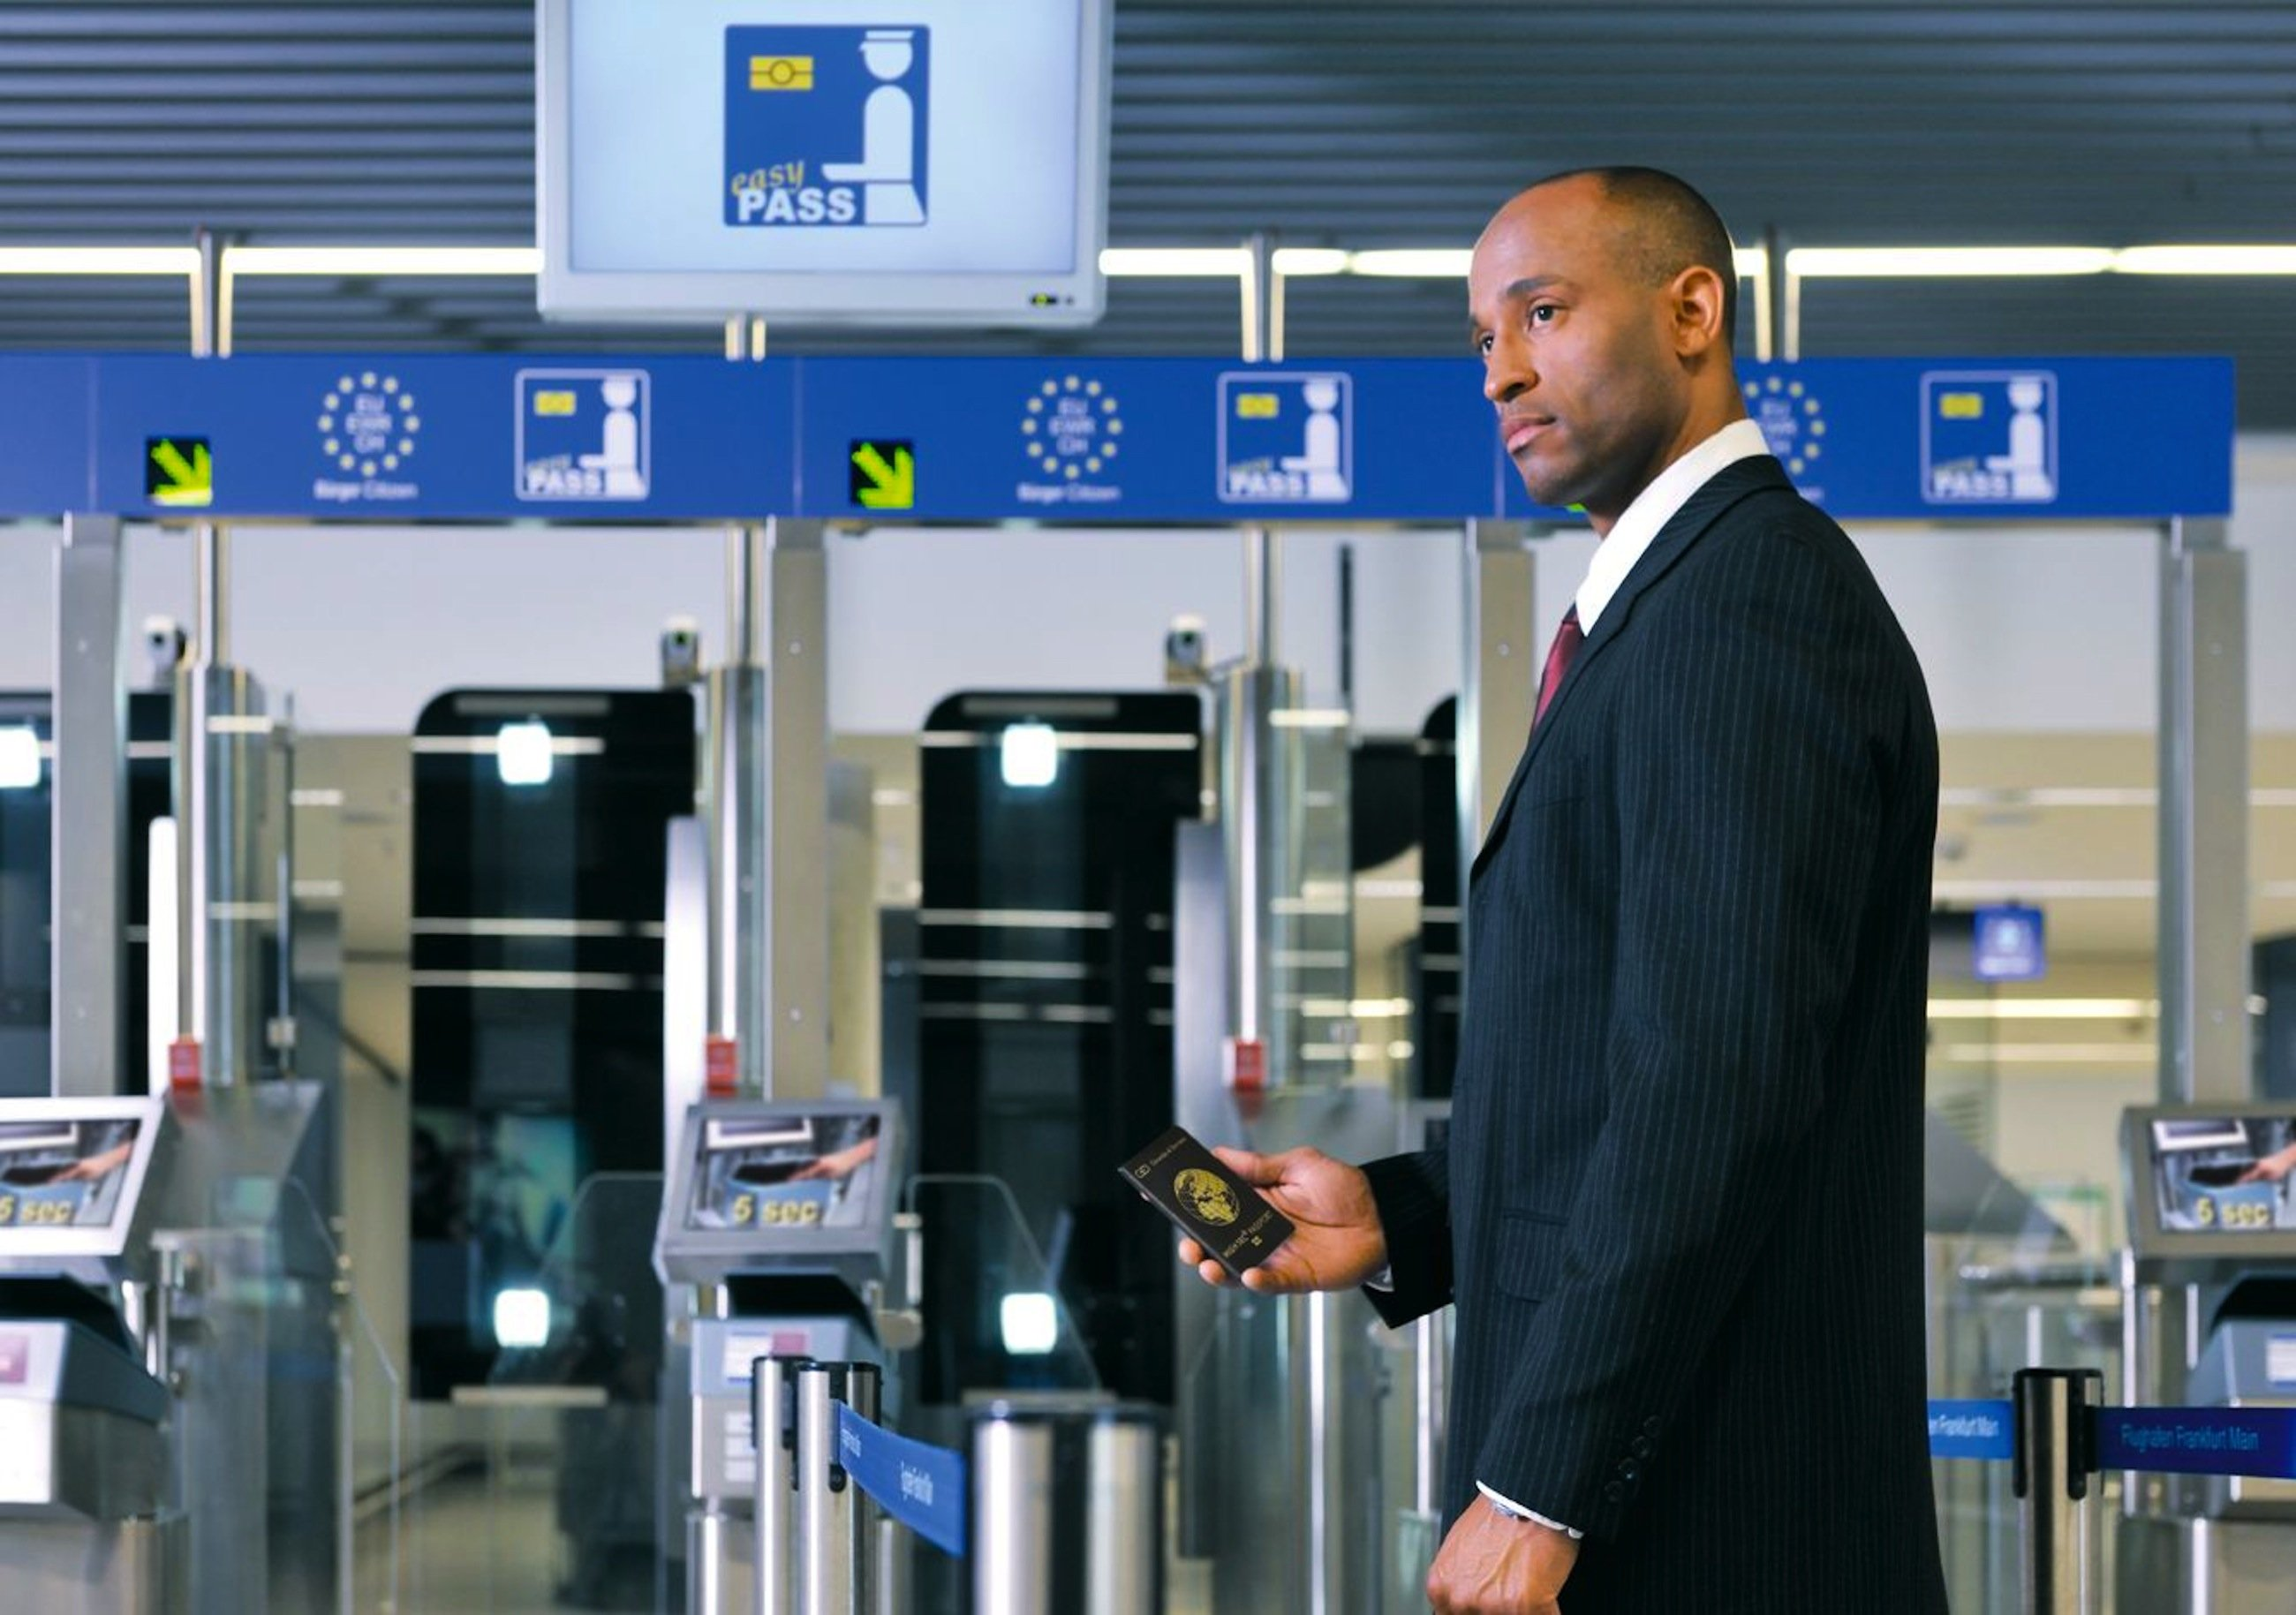 Autorisierung per Smartphone am Flughafen: Auch der deutsche Gemalto-Konkurrent Giesecke & Devrientsoll Gegenstand vonHackerangriffen gewesen sein.